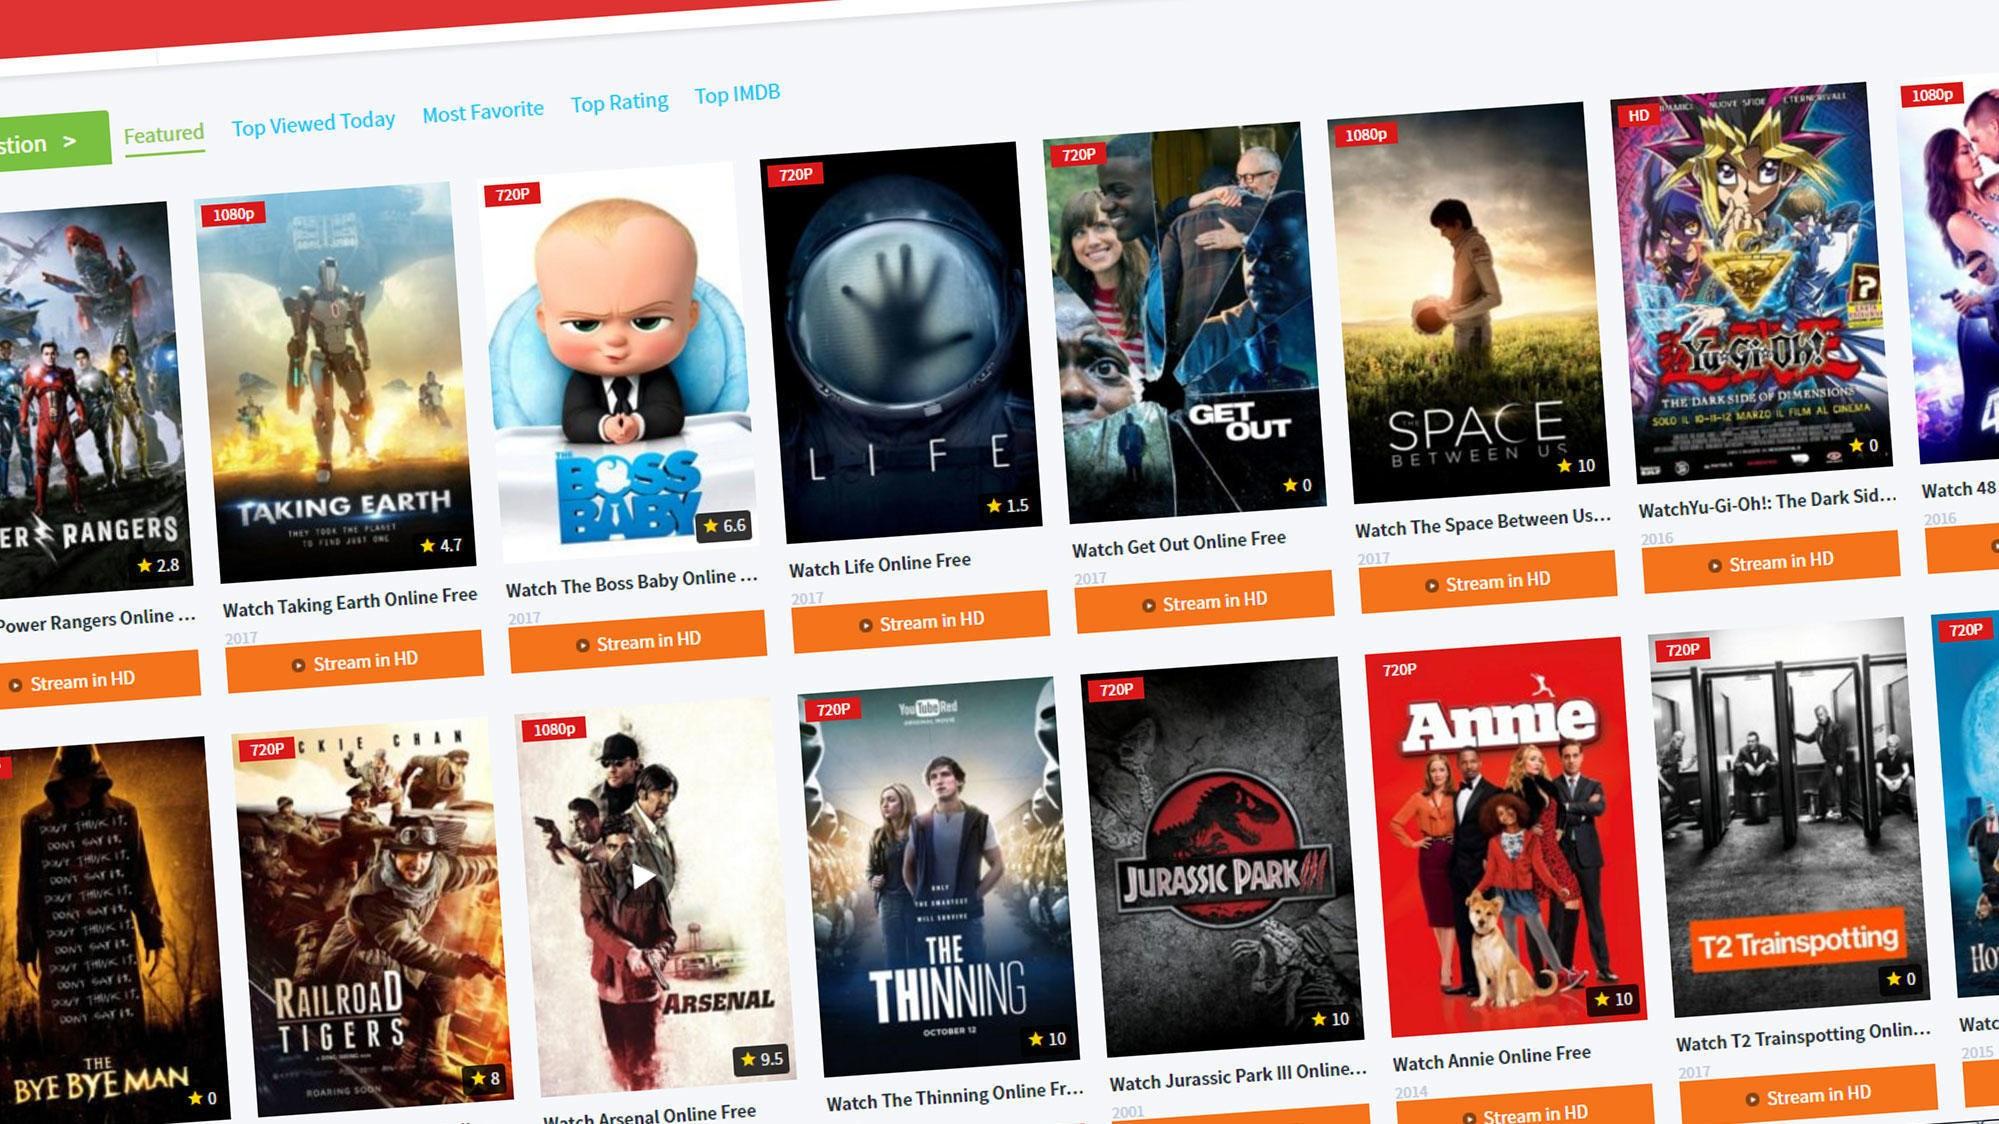 En rekke nettsider tilbyr filmer og TV-serier via streaming. Frem til nå har det ikke vært straffbart - men nå endres det.